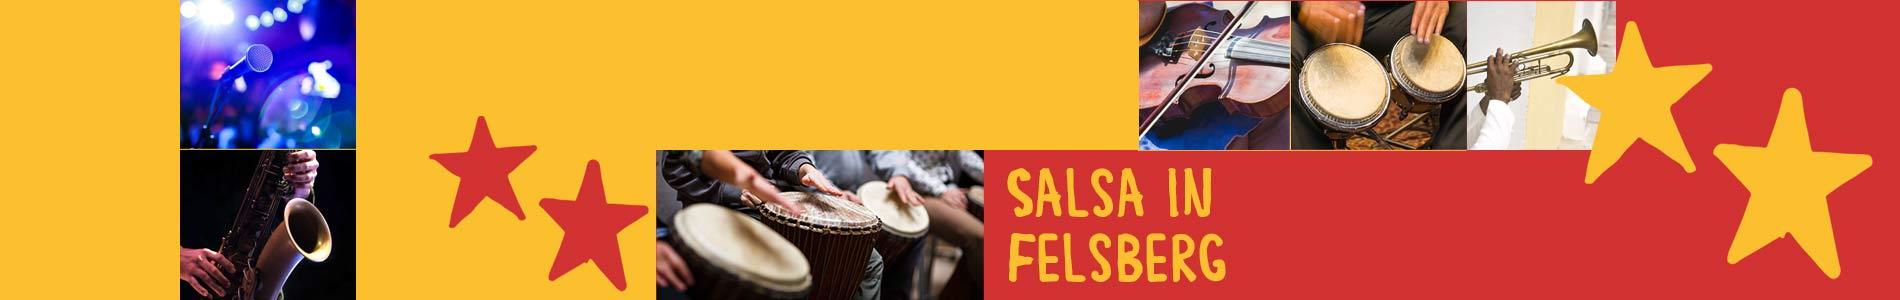 Salsa in Felsberg – Salsa lernen und tanzen, Tanzkurse, Partys, Veranstaltungen